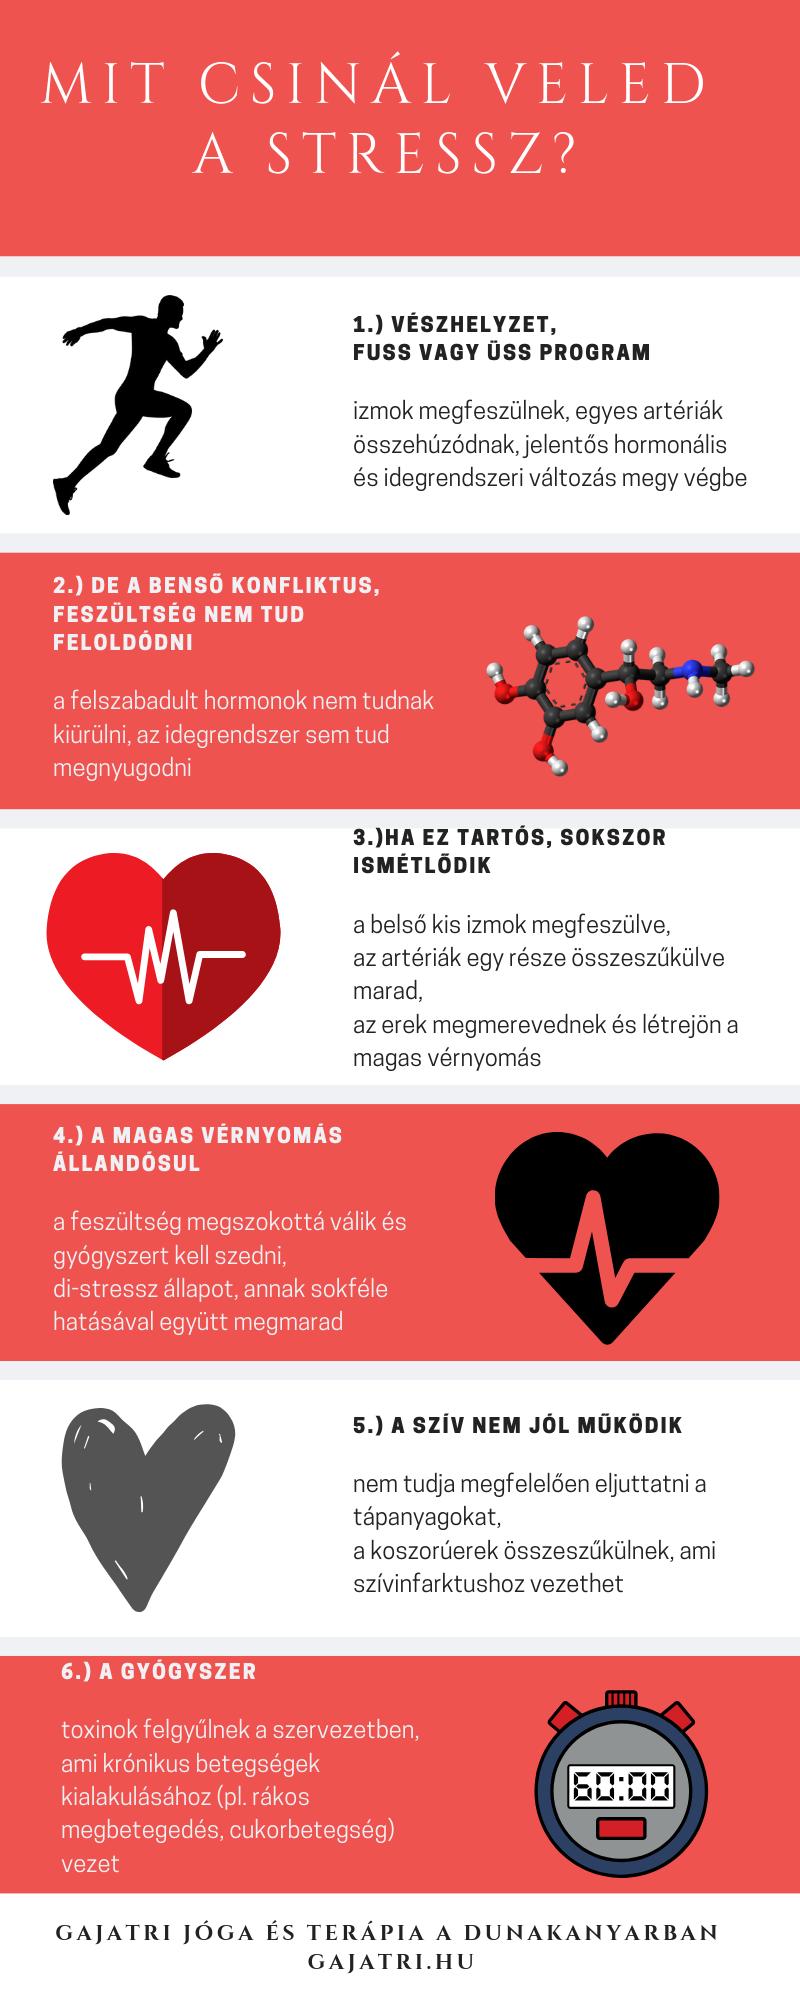 energetikai magas vérnyomás mekkora a nyomás egy magas vérnyomásban szenvedő embernél